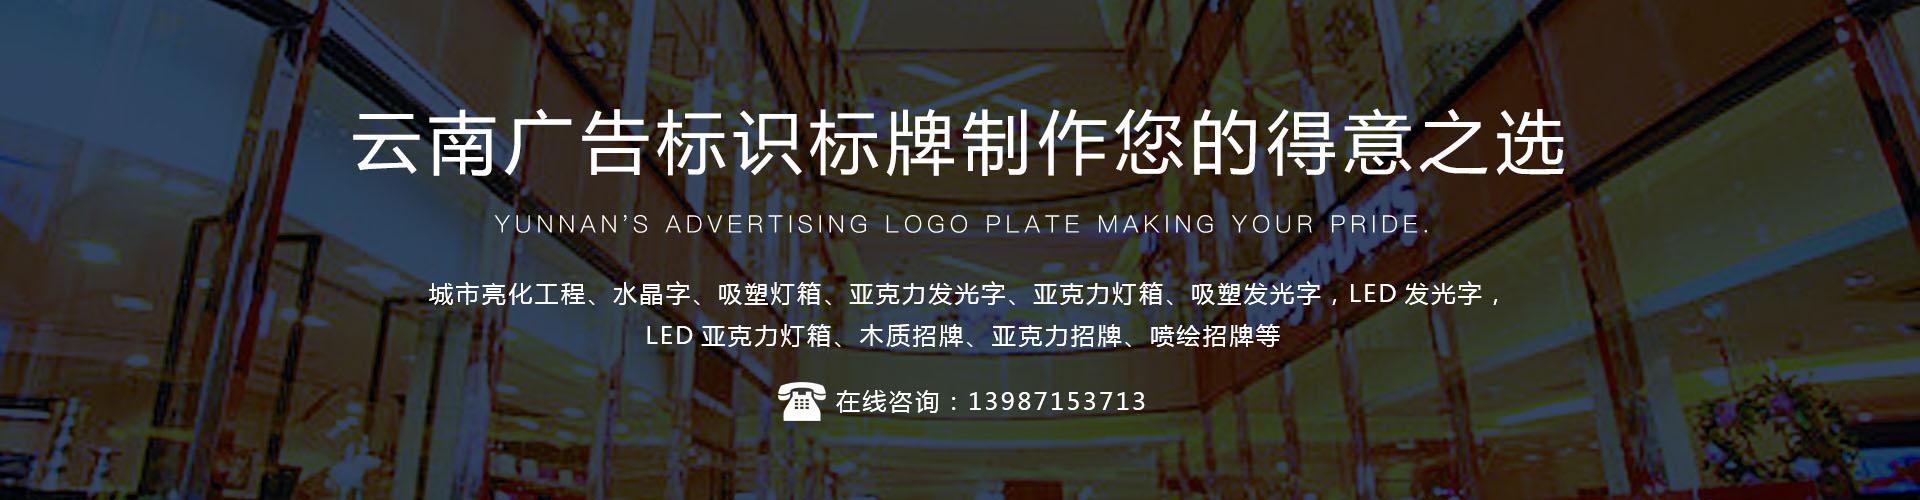 云南广告万博手机版官网登录万博manbetx下载app加工厂家